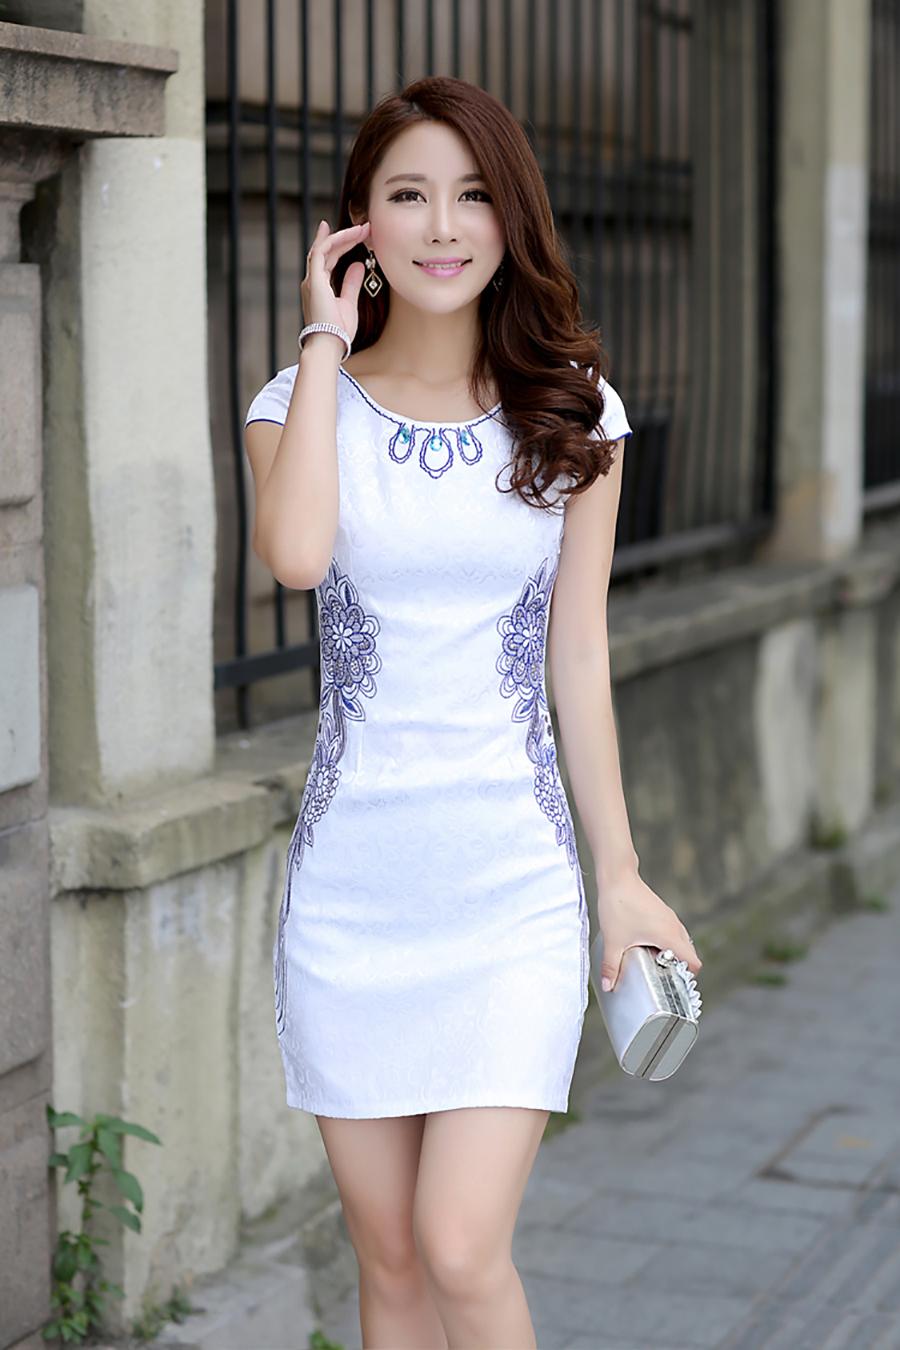 中国モデル…←こんなのJAPANに爆買いしにきてる中国人で見たことねえけどwwwwwwwwww(写真あり)